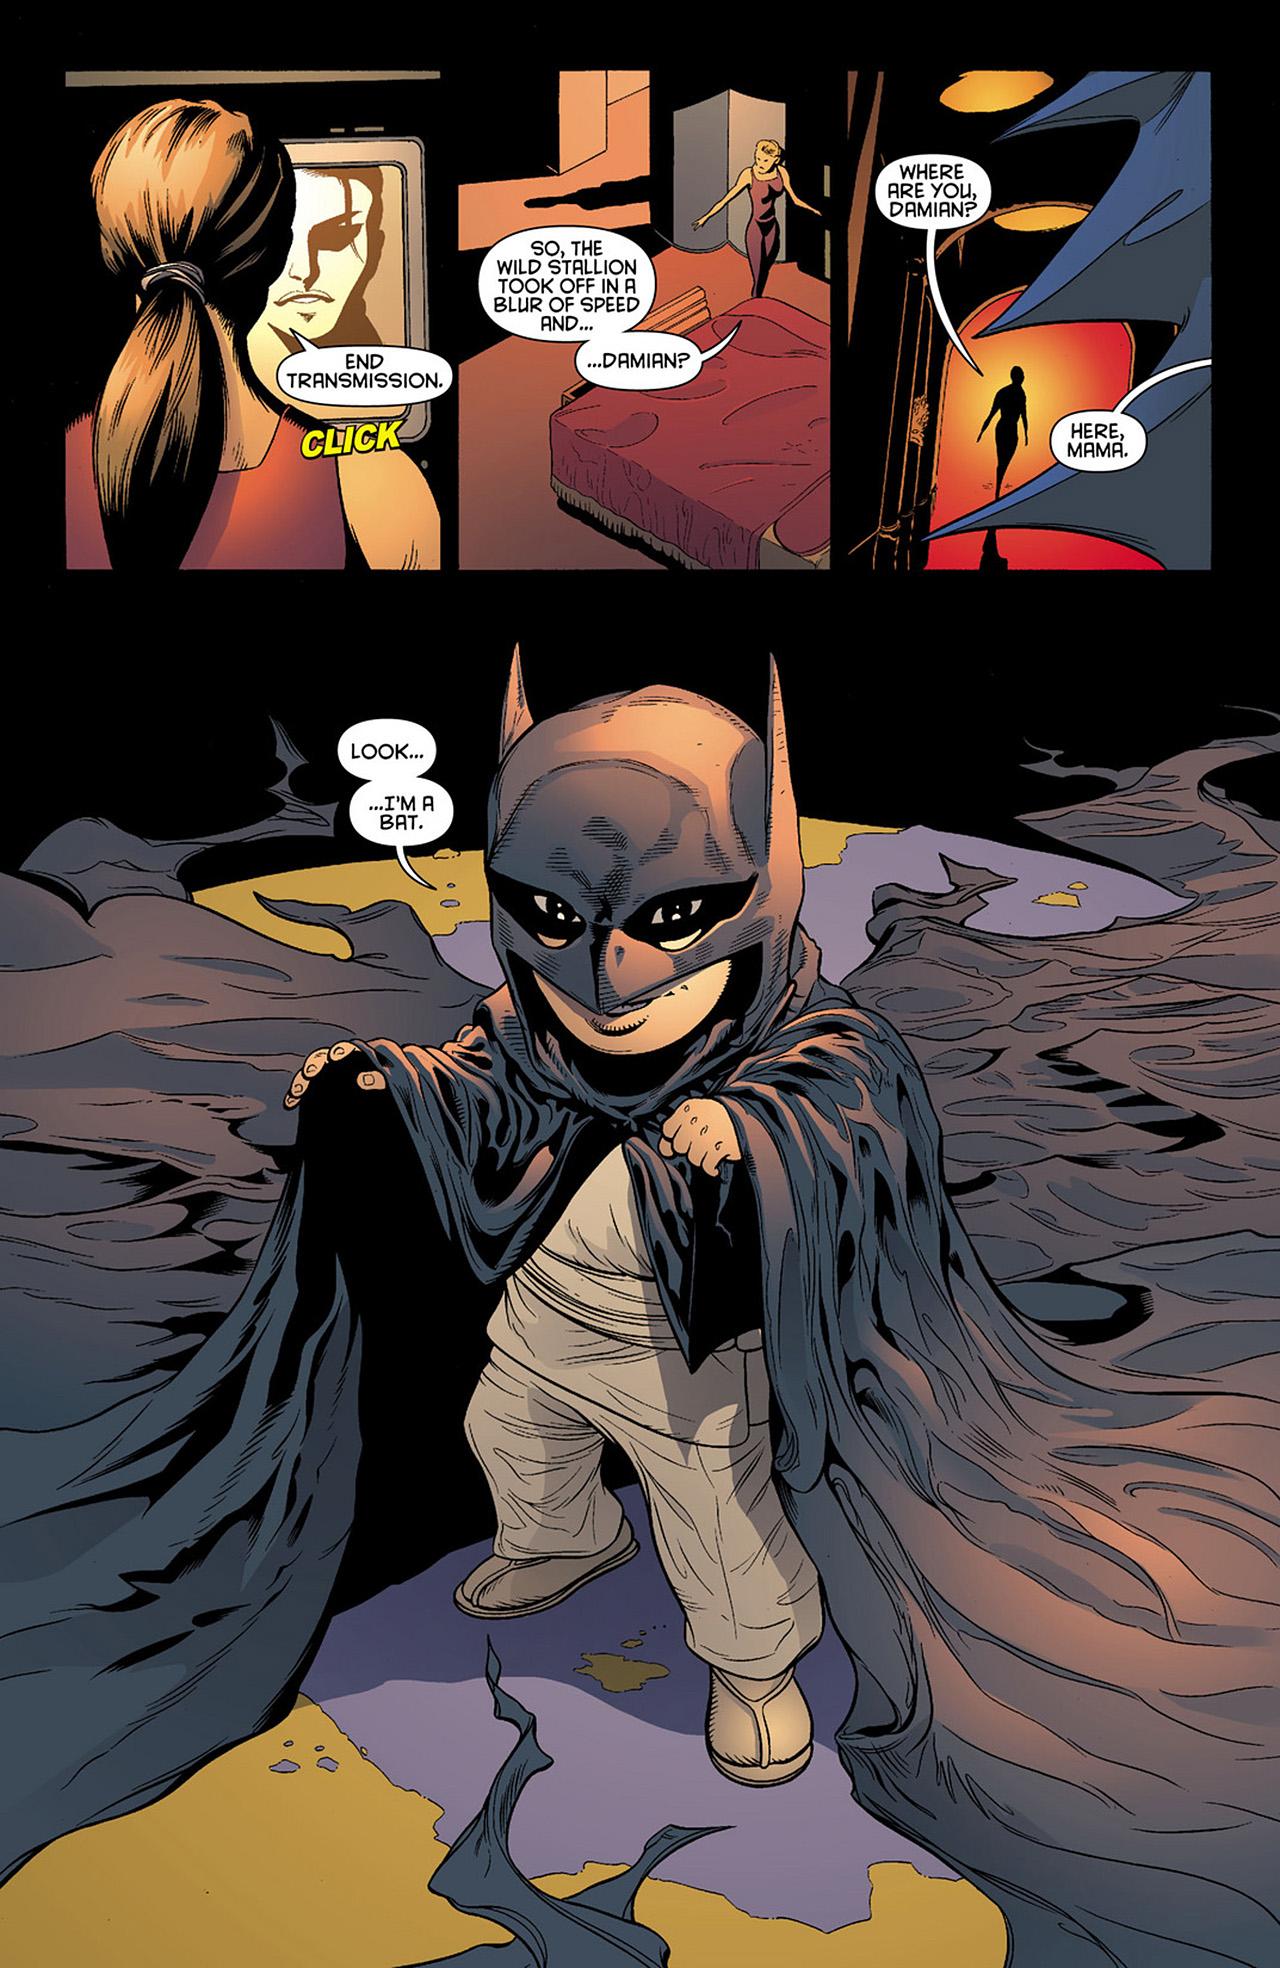 Les trouvailles d'imagerie Batman-robin-zone-007-37e6f84